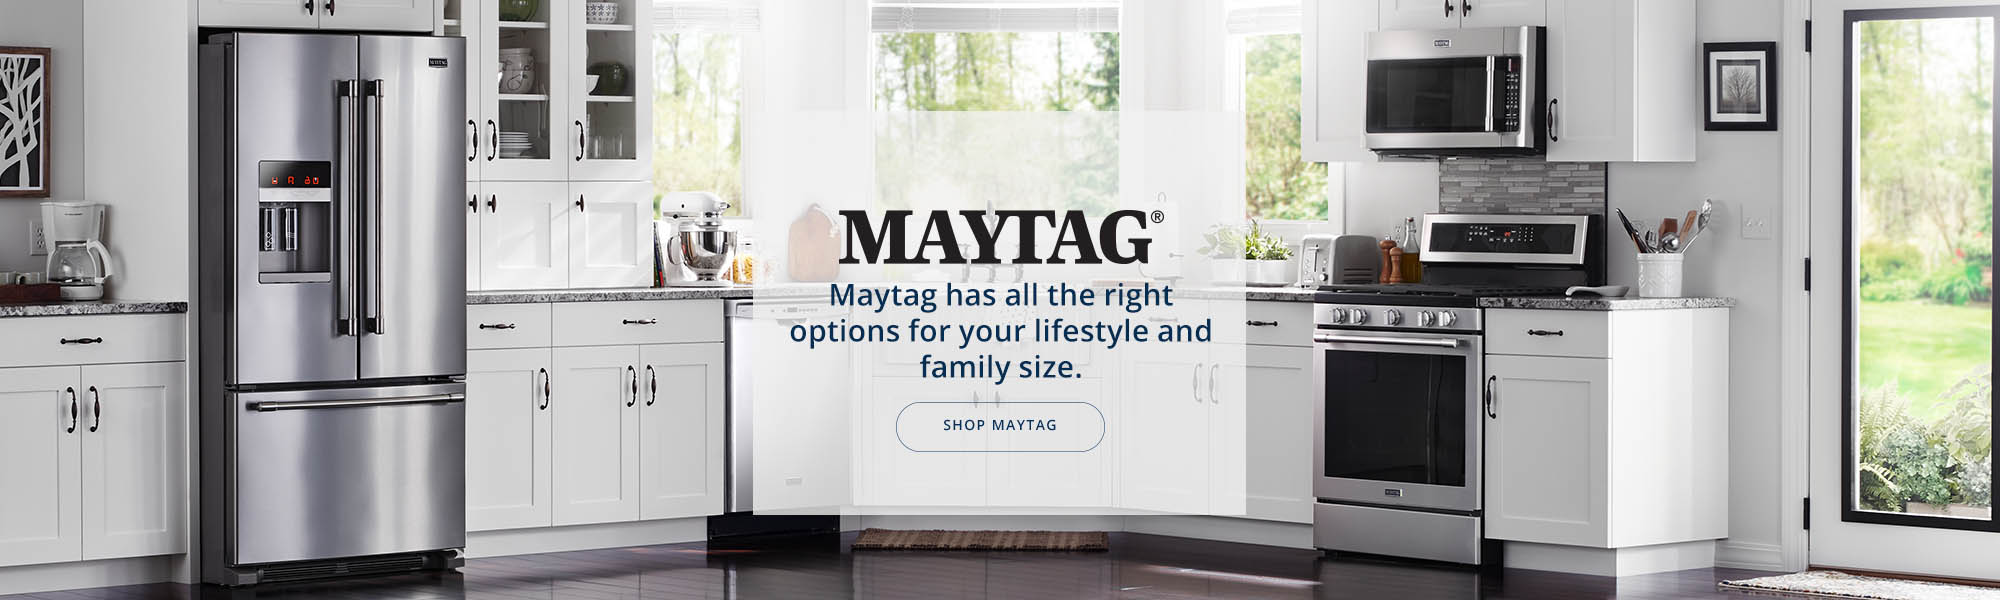 Maytag banner